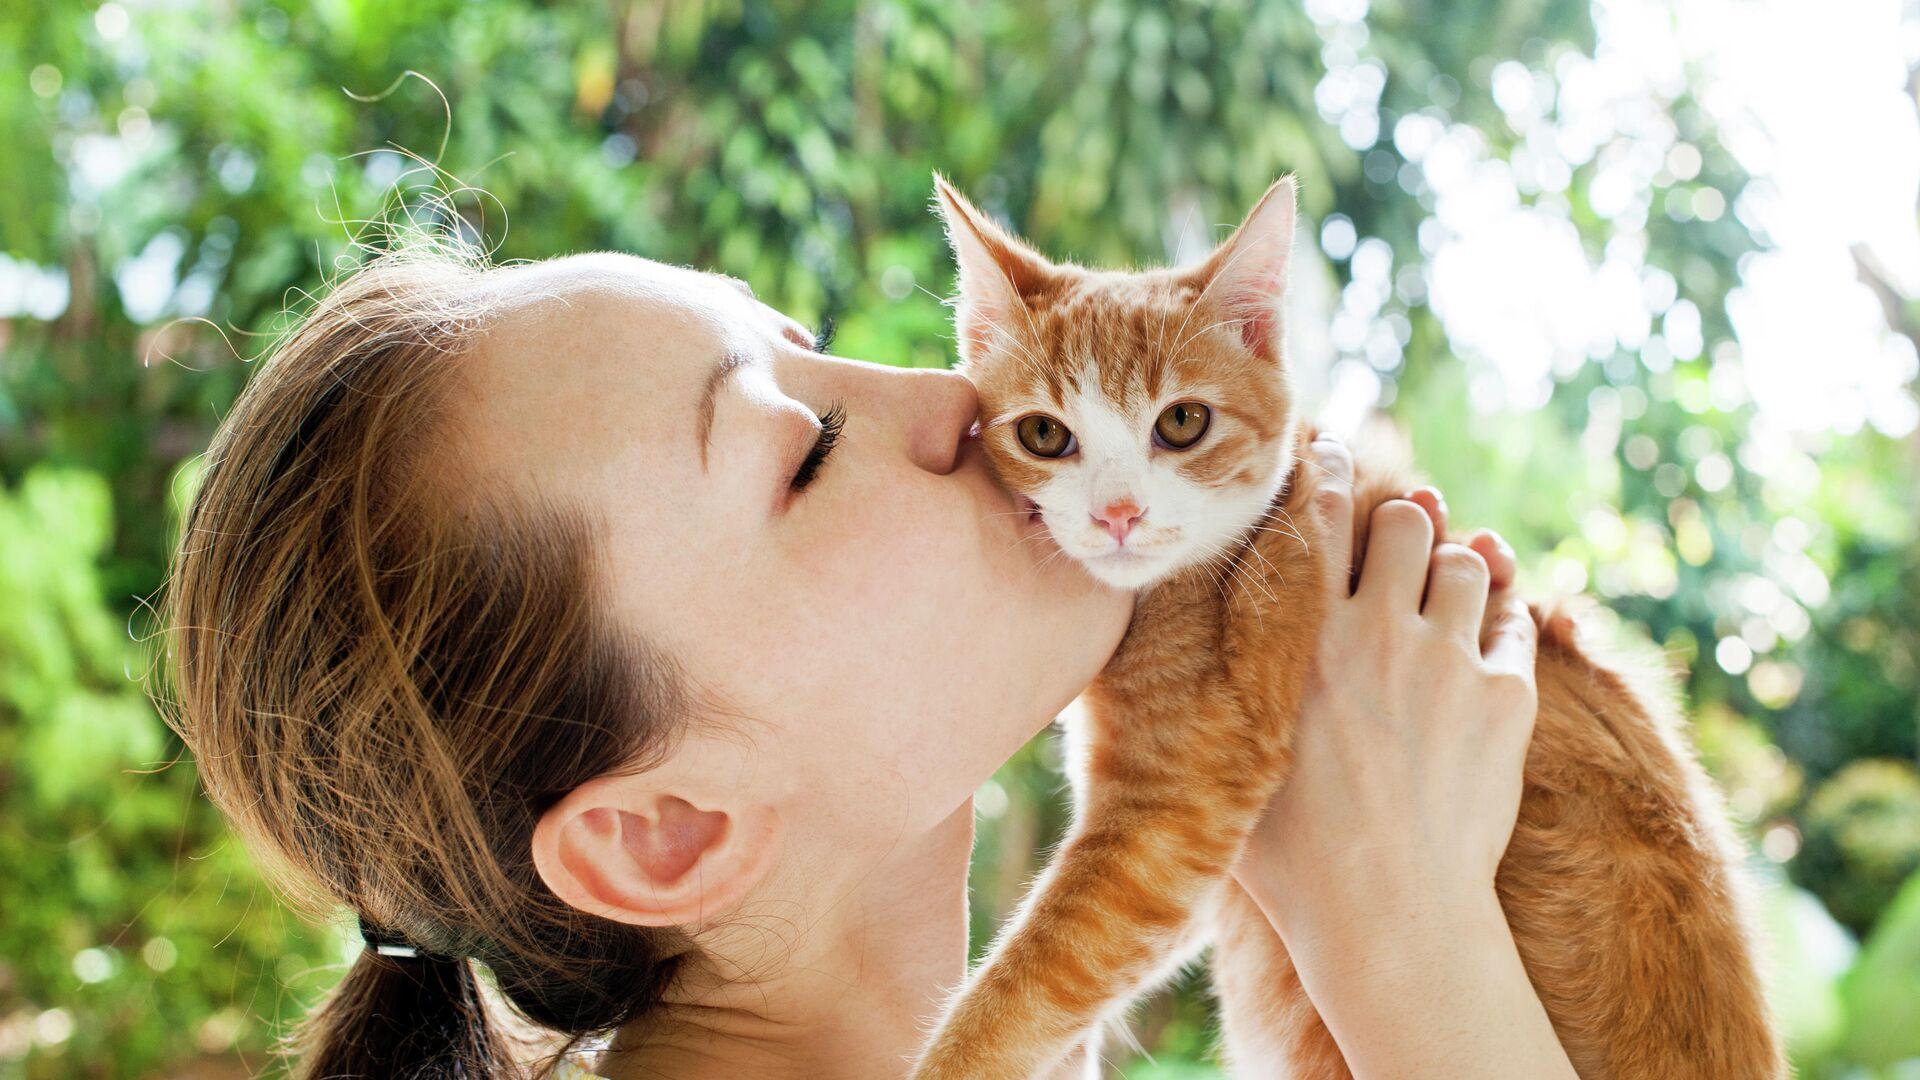 Девушка целует кота - РИА Новости, 1920, 26.01.2021